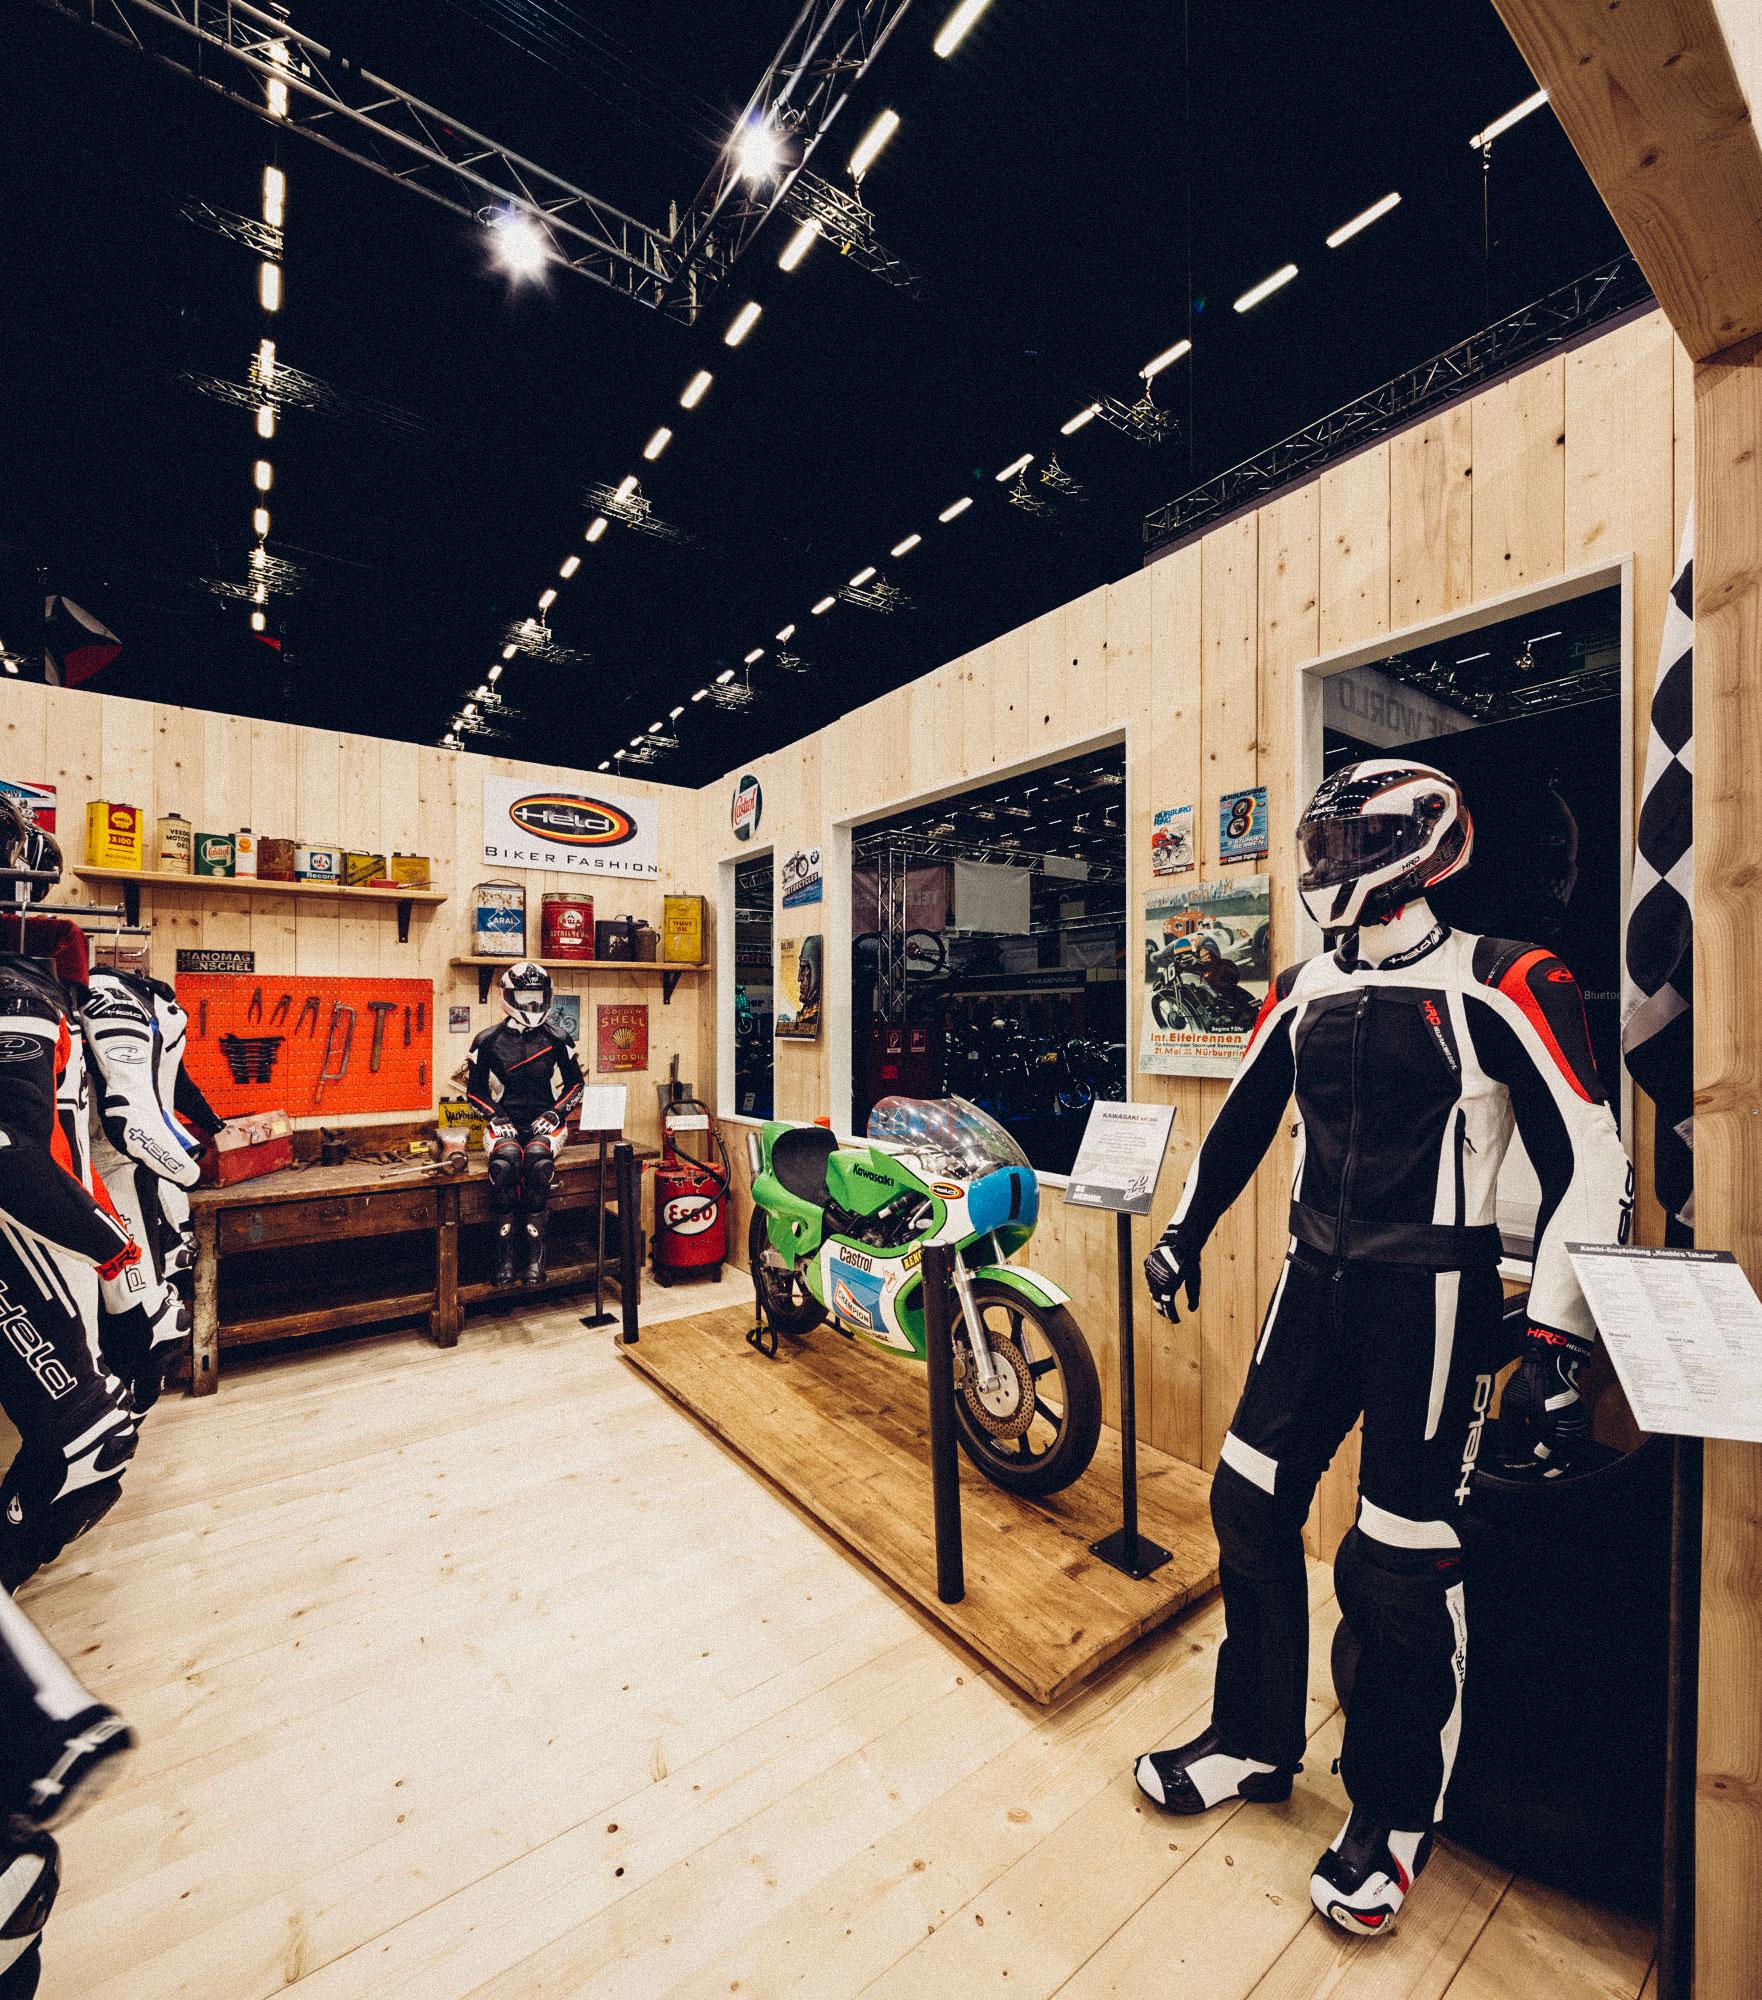 Ein Foto aus dem inneren des Paddocks des 70-Jahre-Held-Messestandes. Man sieht eine alte Renn-Kawasaki und die aktuellen Lederkombis von Held Bikerfashion. Konzept und Design sind von MAJORMAJOR.